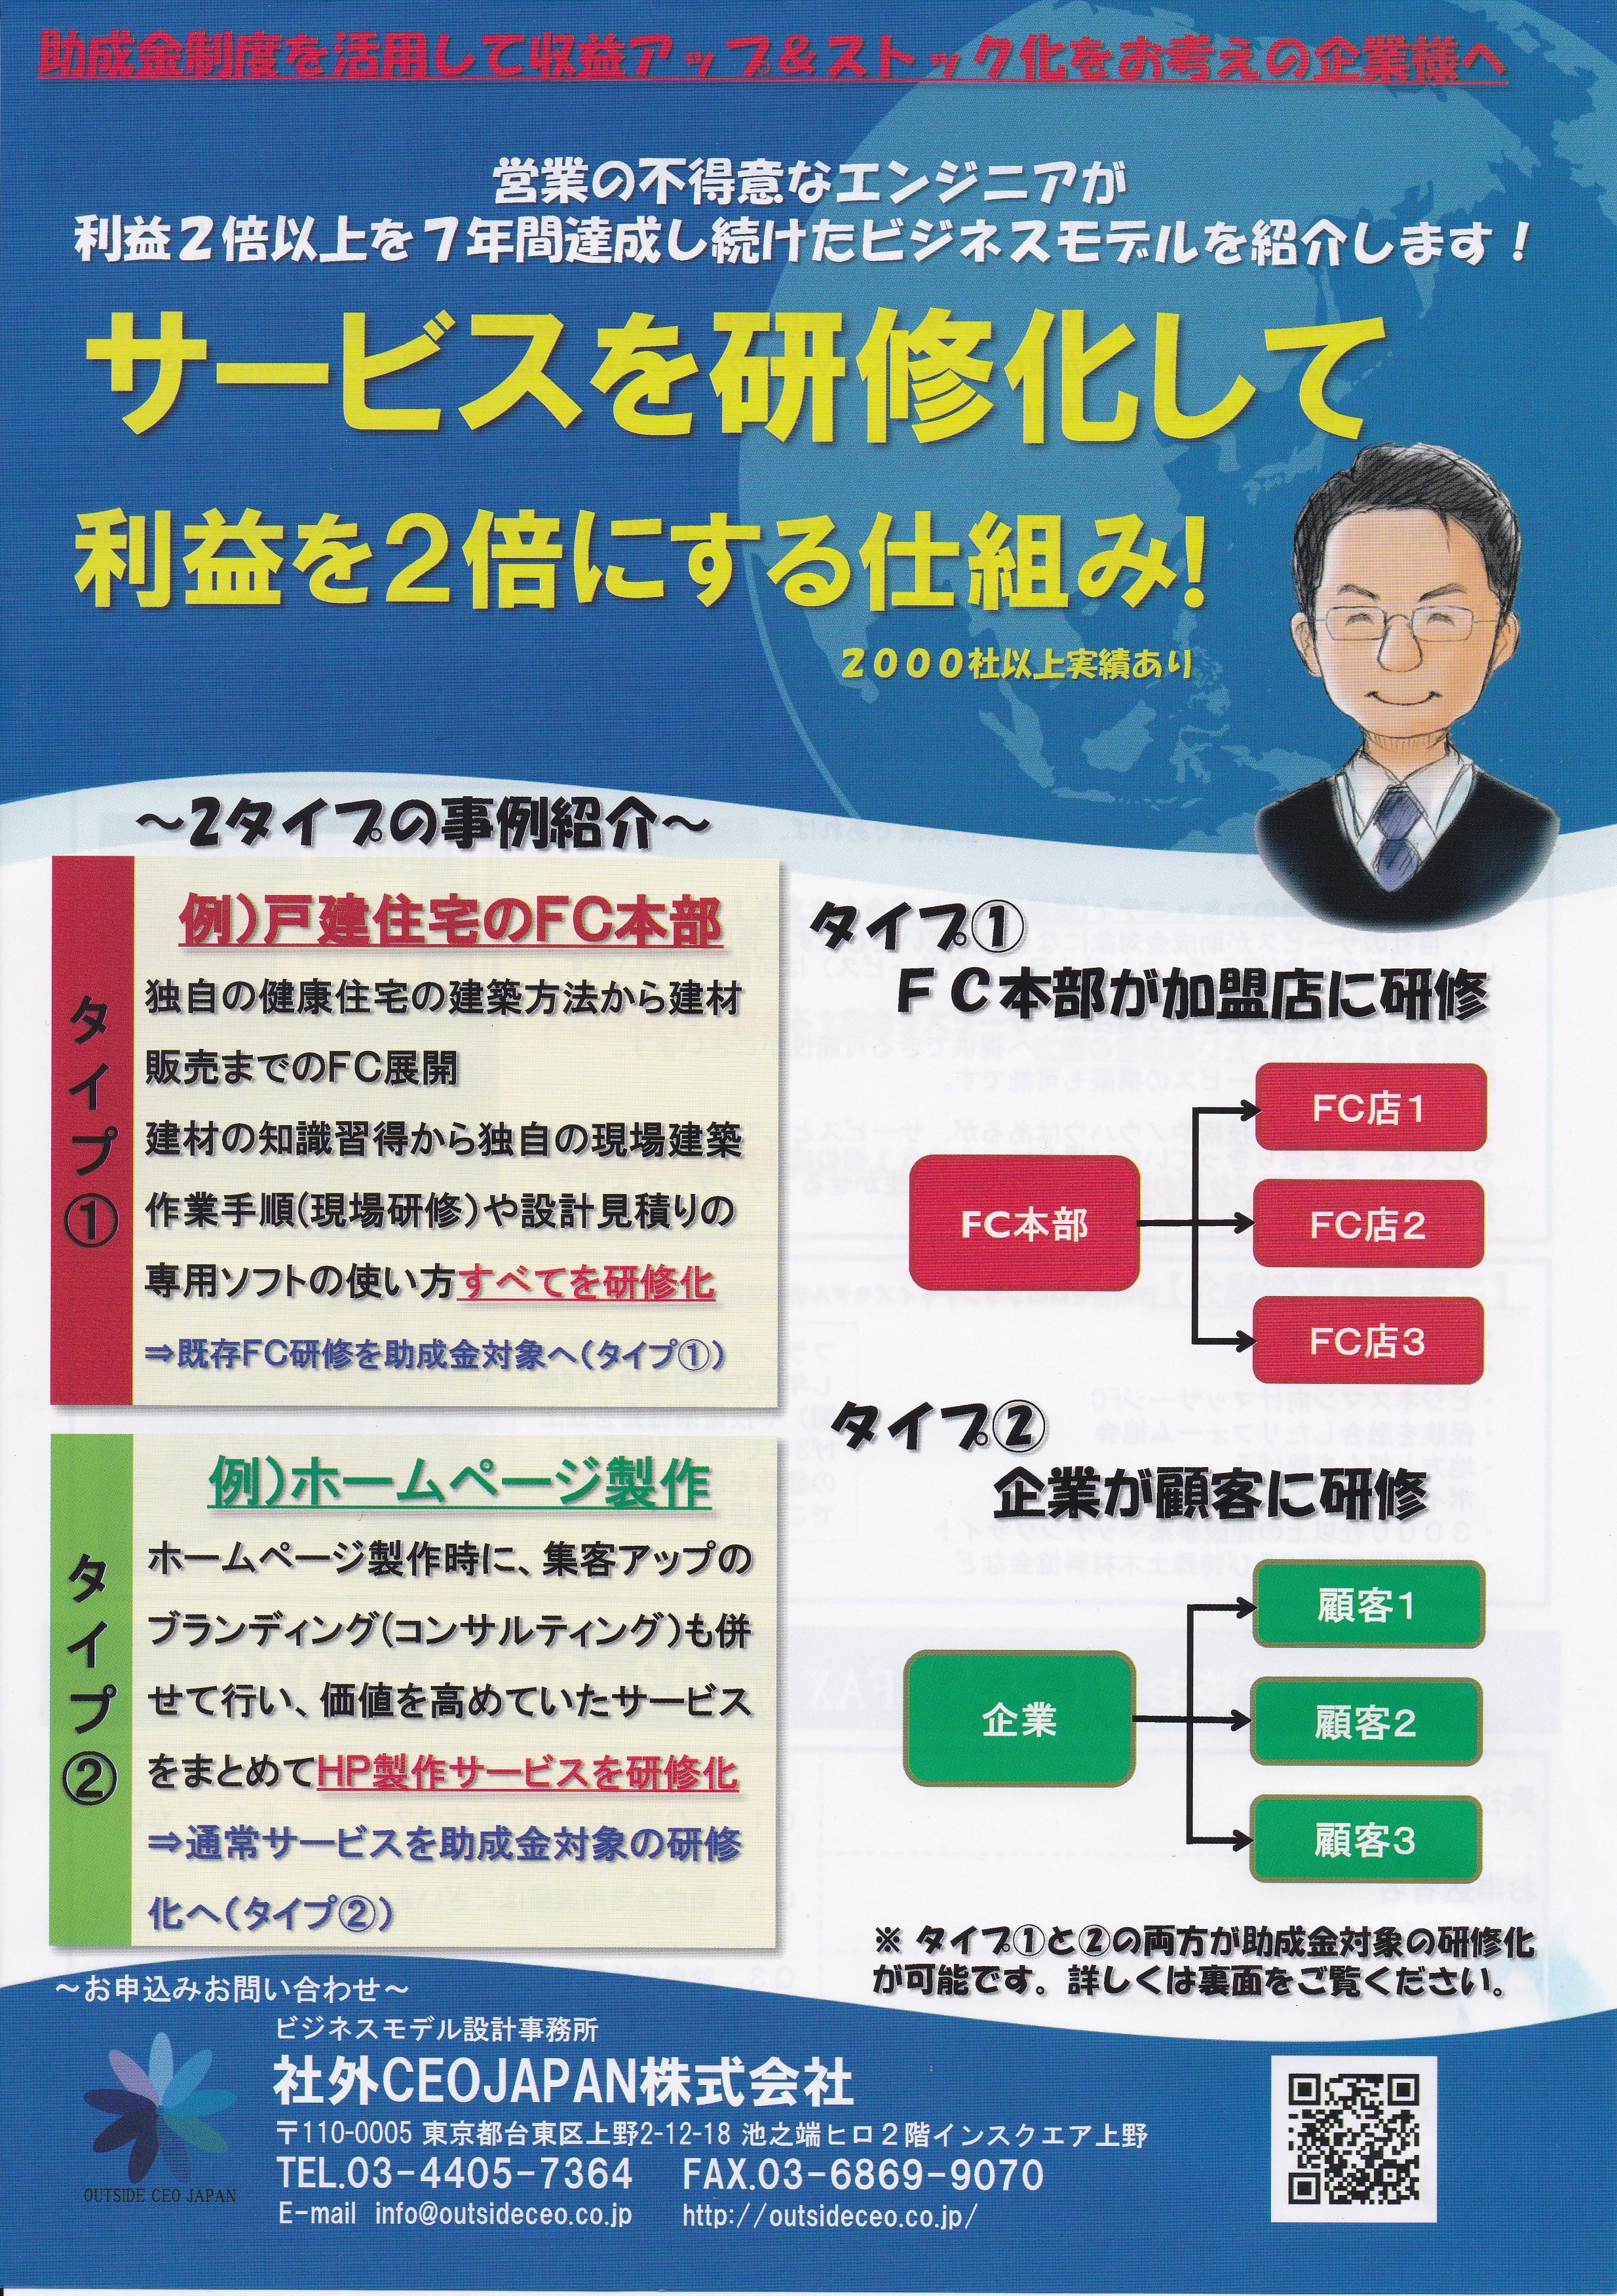 岡山の中小企業がFC展開により安定化を図る